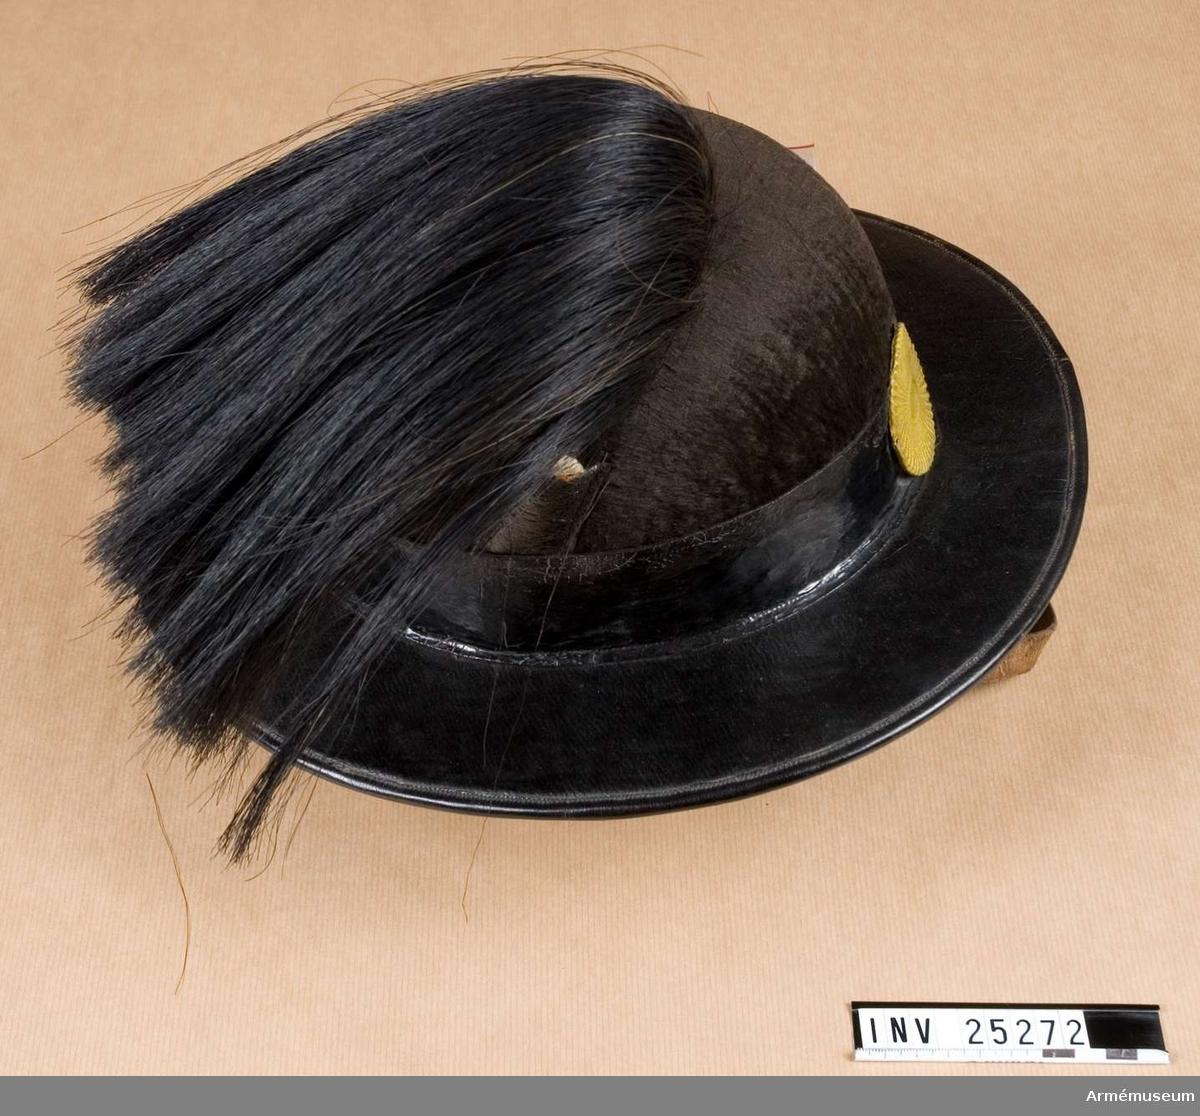 Grupp C I. Ur paraduniform för manskap vid Värmlands fältjägarkår; 1859-1902. Består av vapenjacka, byxor, hatt med plym, patronkök med livrem.